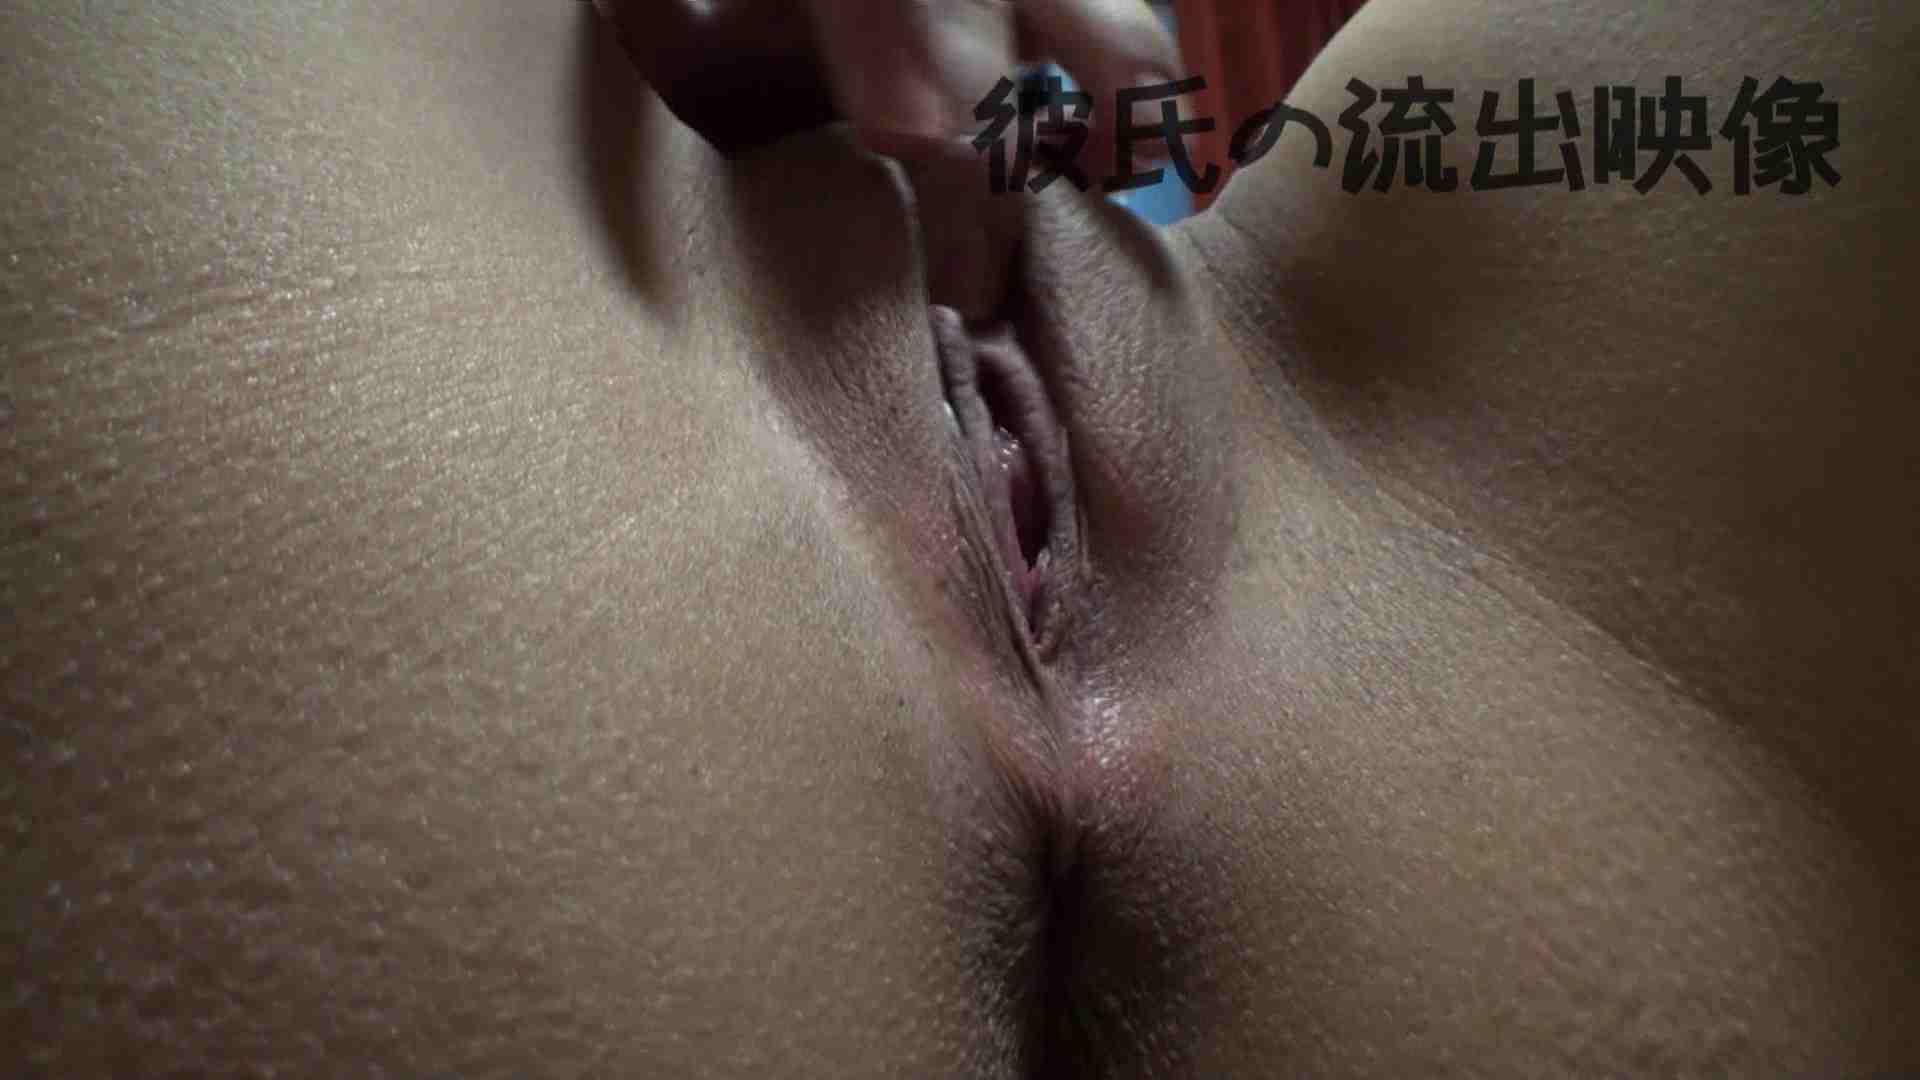 彼氏が流出 パイパン素人嬢のハメ撮り映像04 パイパン | 素人達のヌード  68連発 38